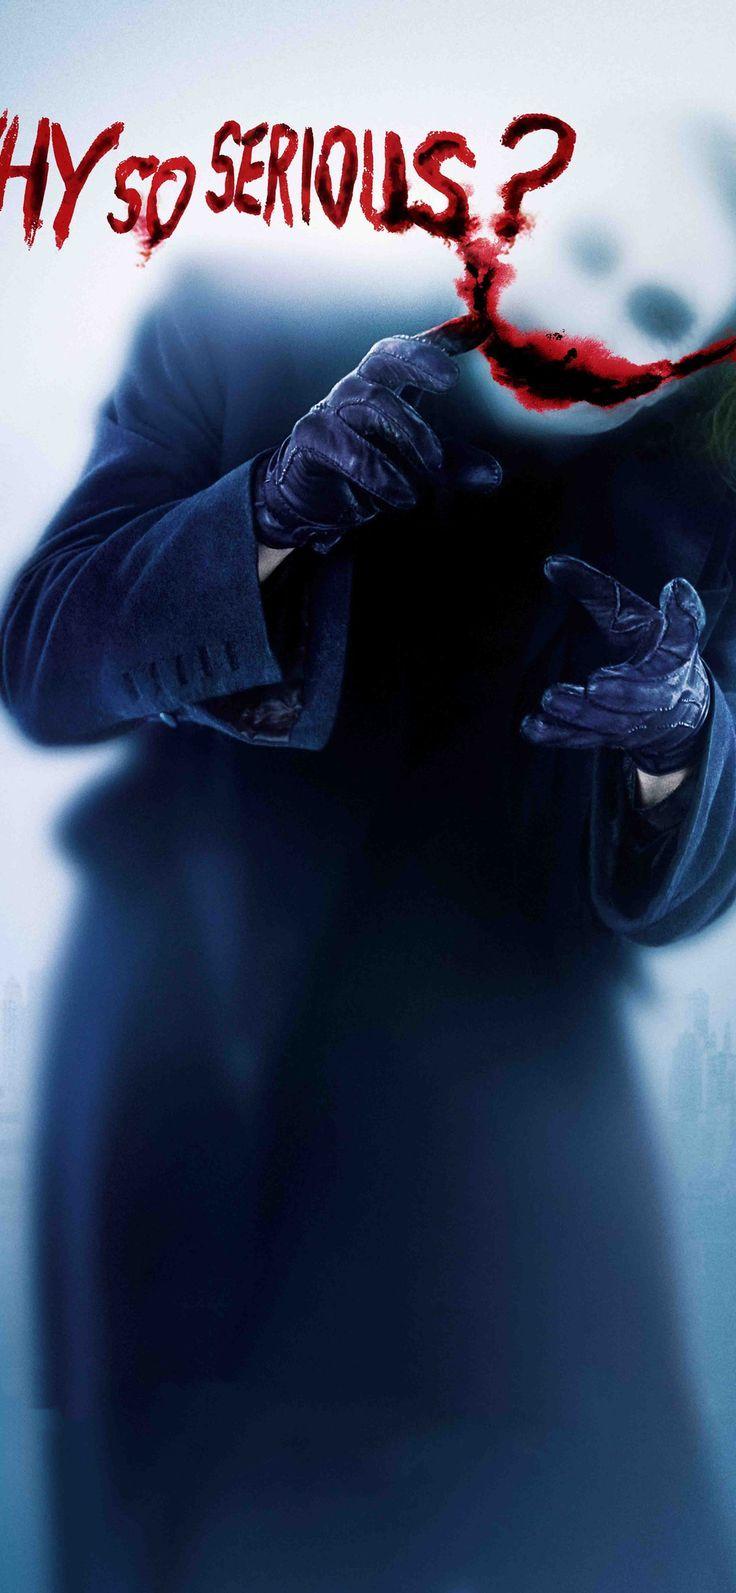 Joker Why So Serious Iphone X Fotos Do Joker Joker Foto De Palhaco Joker why so serious iphone wallpaper hd